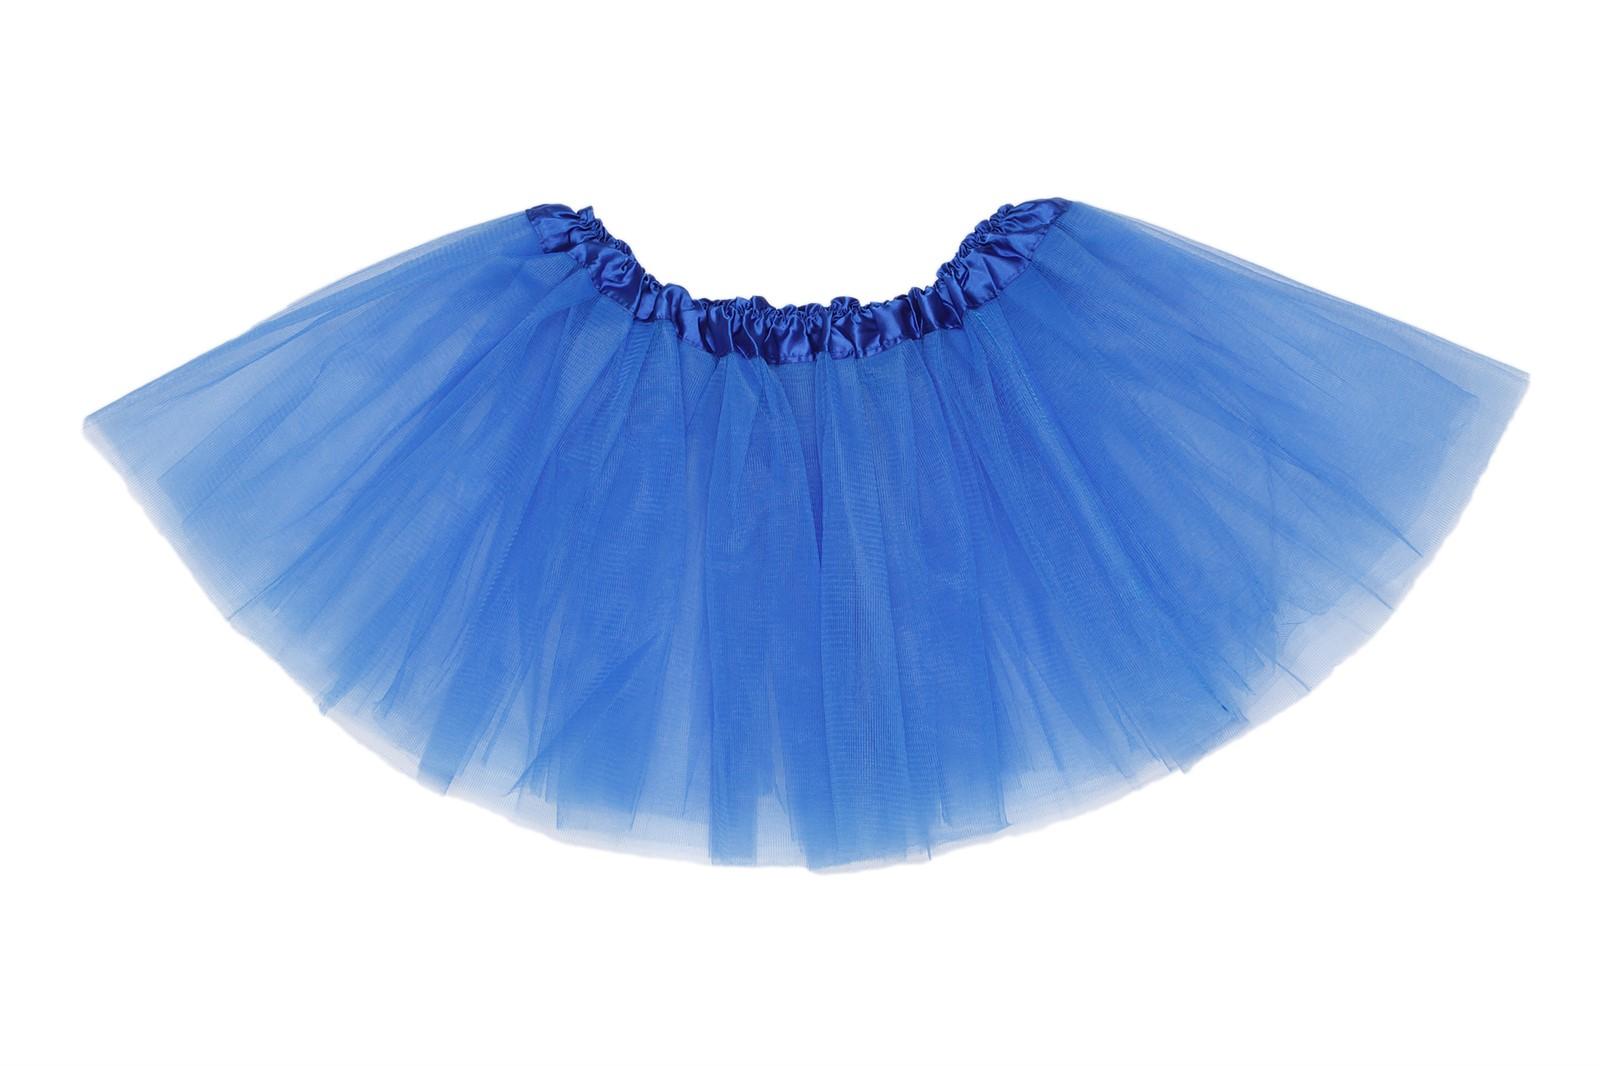 donna-sottoveste-Gonna-Tutu-ANNI-80-Costume-Danza-Vestito-per-addio-al-nubilato